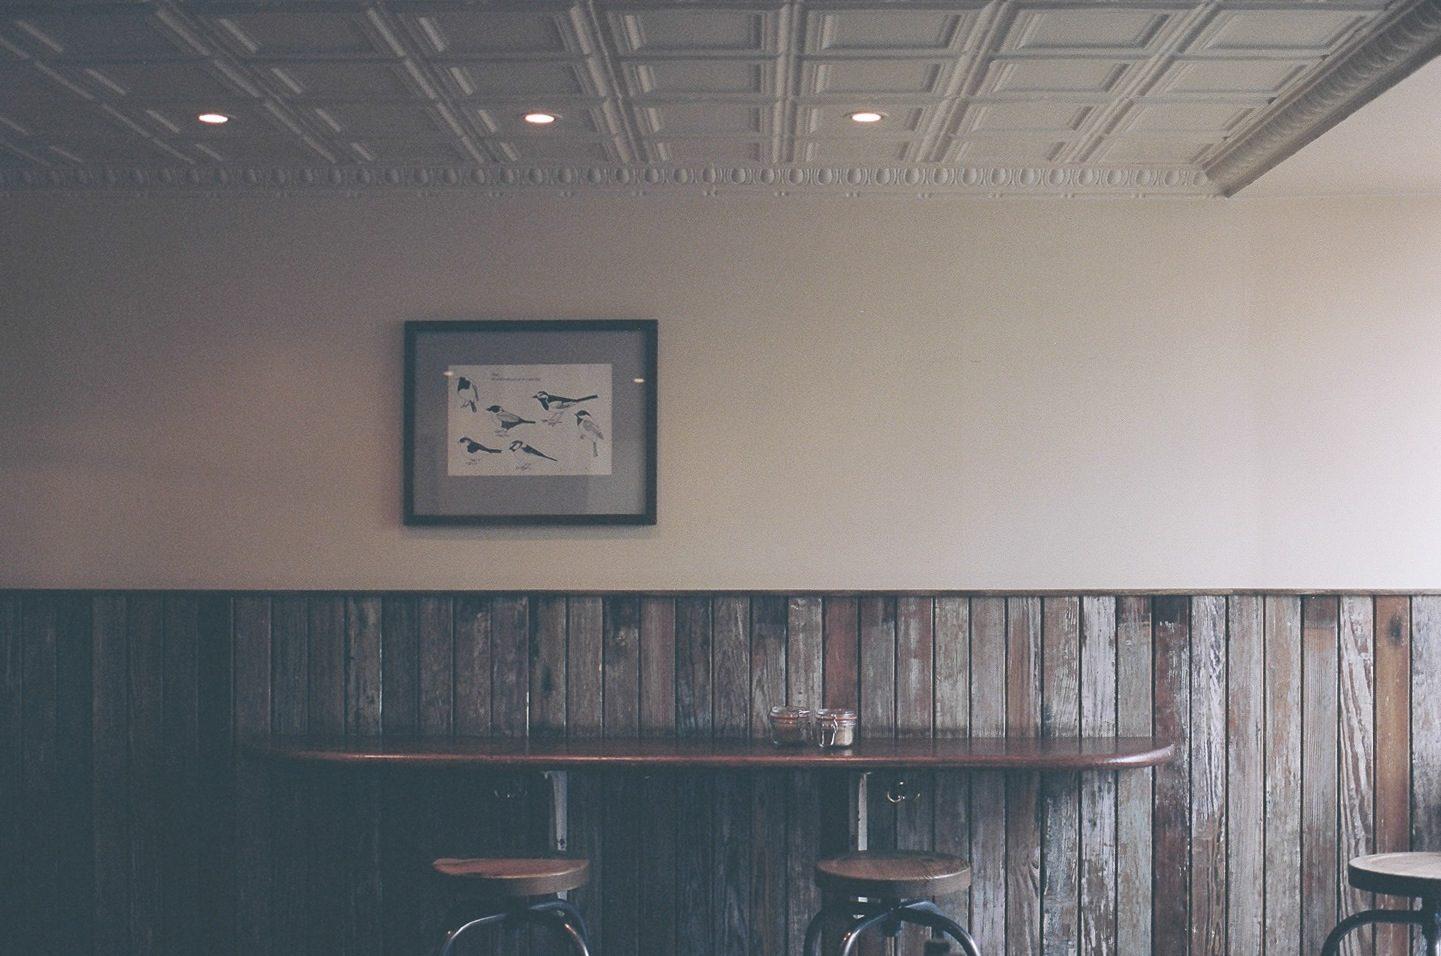 imagens, aves, luzes, bar, assentos - Papéis de parede HD - Professor-falken.com